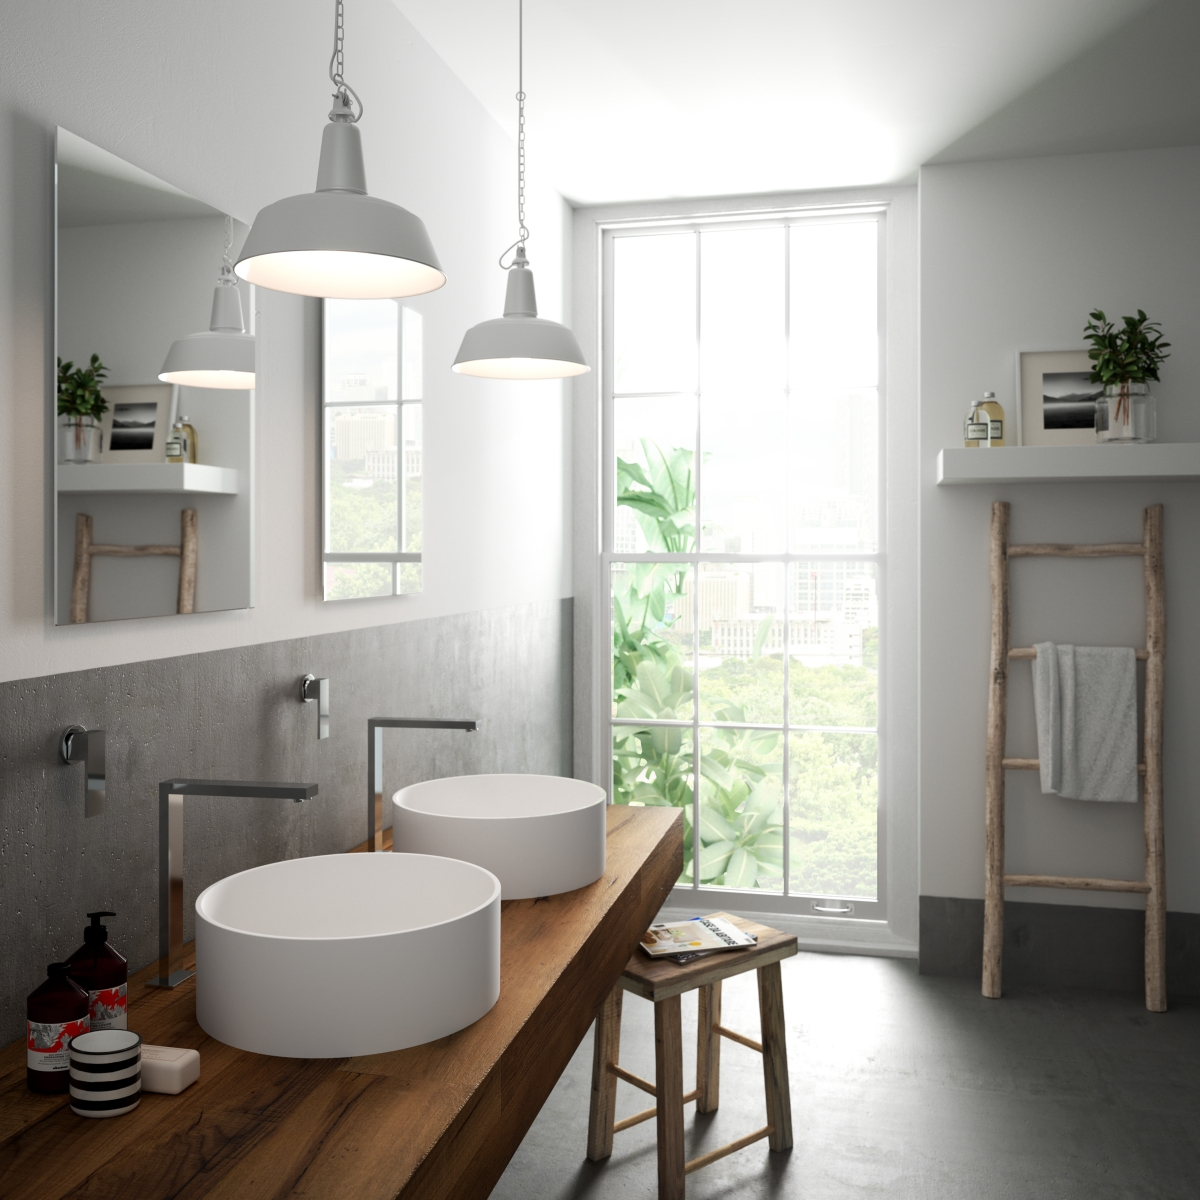 Lumières Salut-Macs et couleurs dans les bassins de collecte de salle de bains